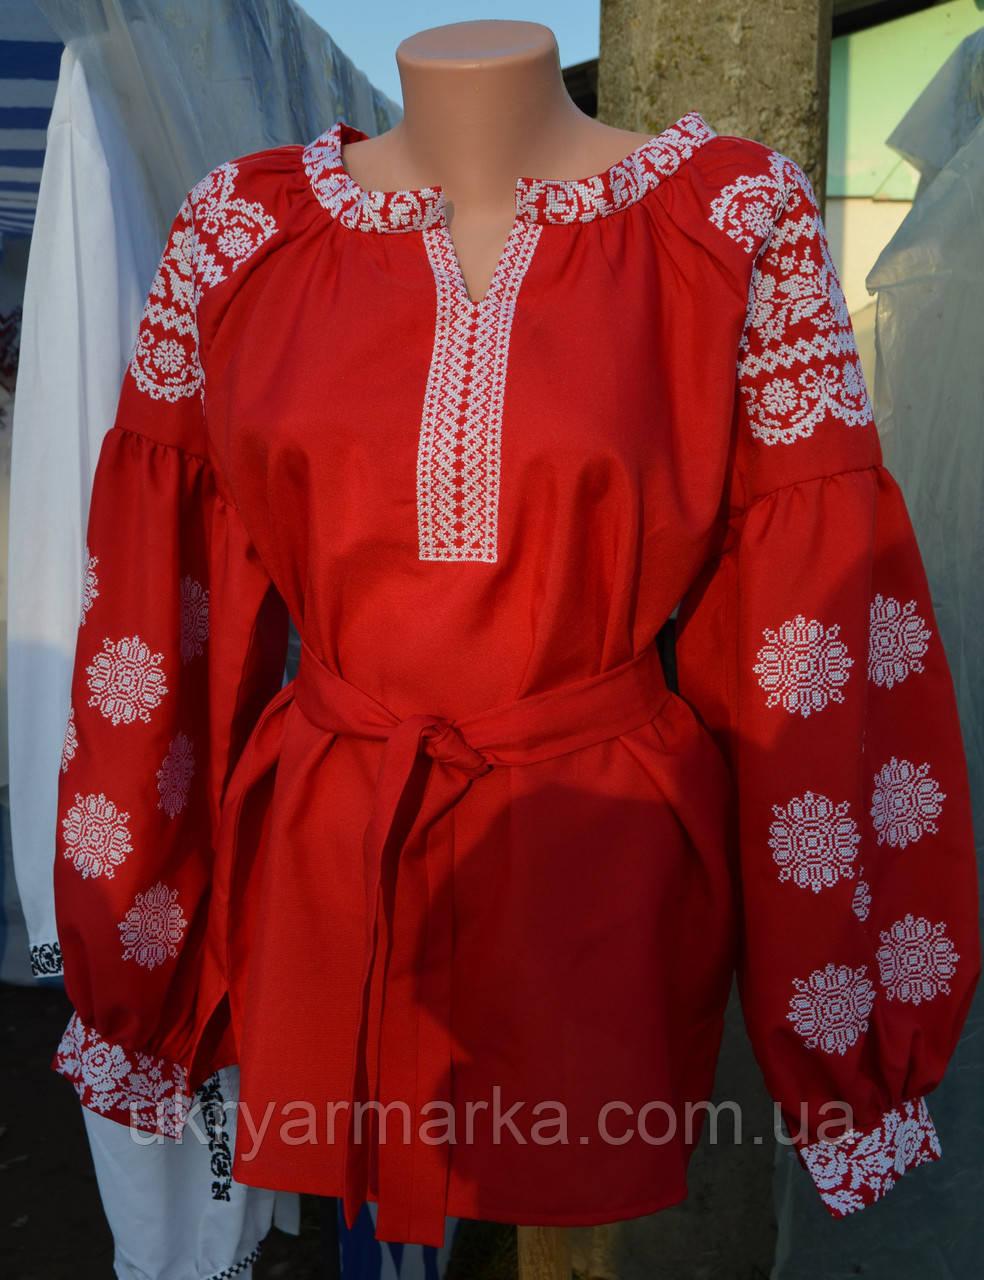 Жіночі вишиті сорочки та блузи - Сторінка 12 cdc37645e561c